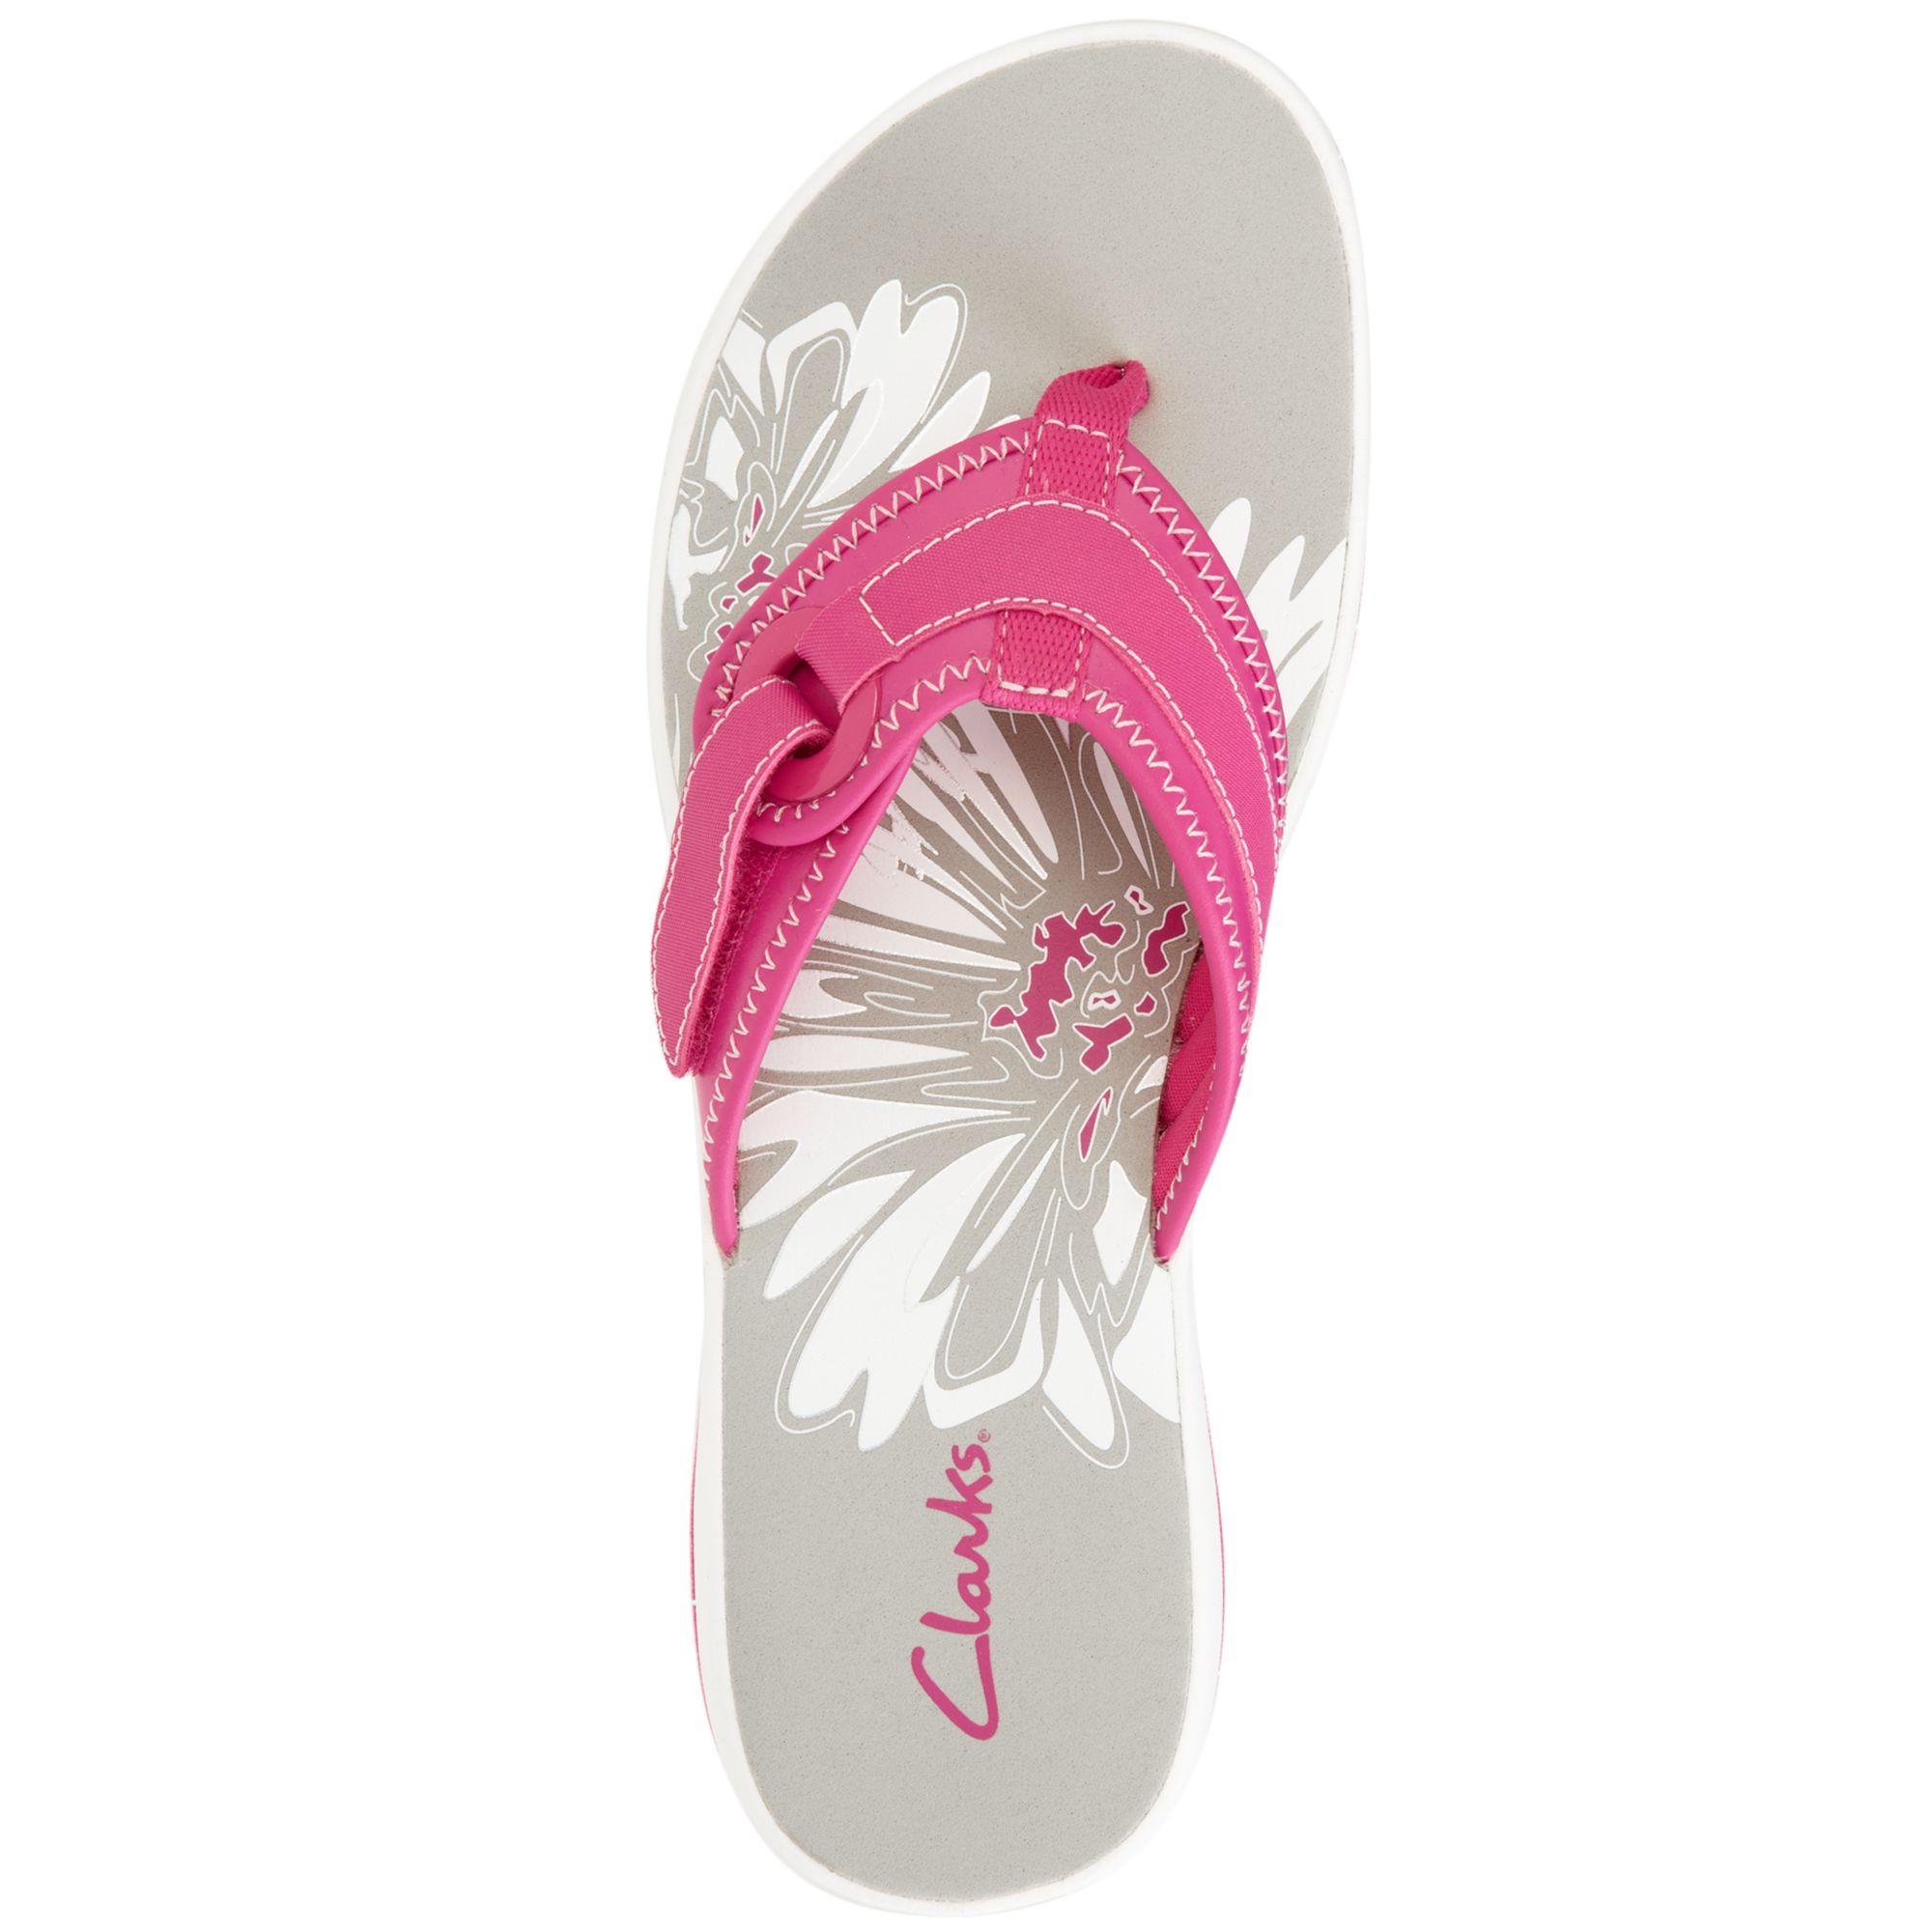 2dfeab87f860 Lyst - Clarks Womens Shoes Breeze Mila Flip Flops in Pink